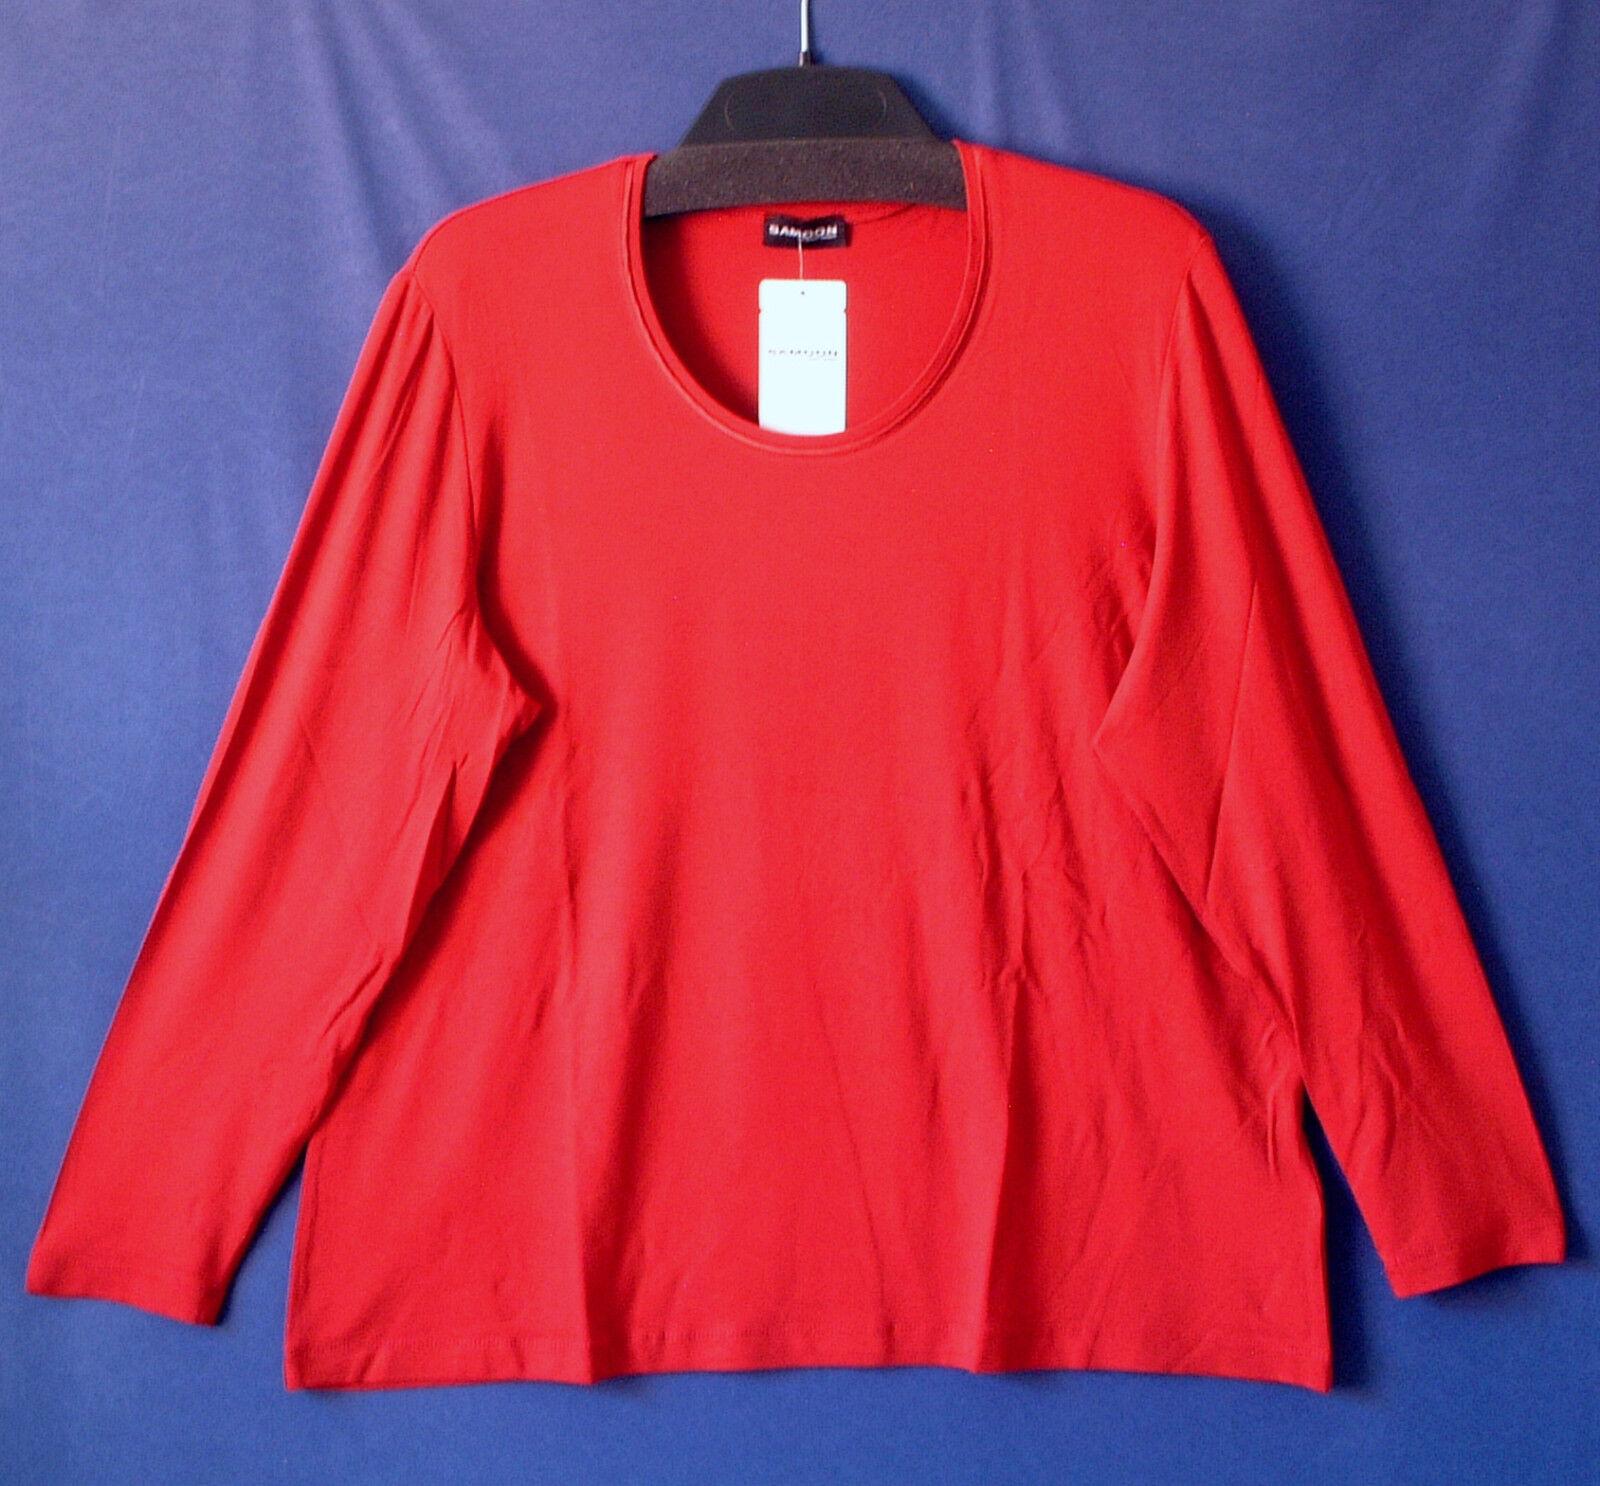 Samoon Shirt Shirt Shirt by Gerry Weber Basic Viskose Stretch langarm Satinpaspel Damen Gr. | Schnelle Lieferung  | Komfort  b1592c